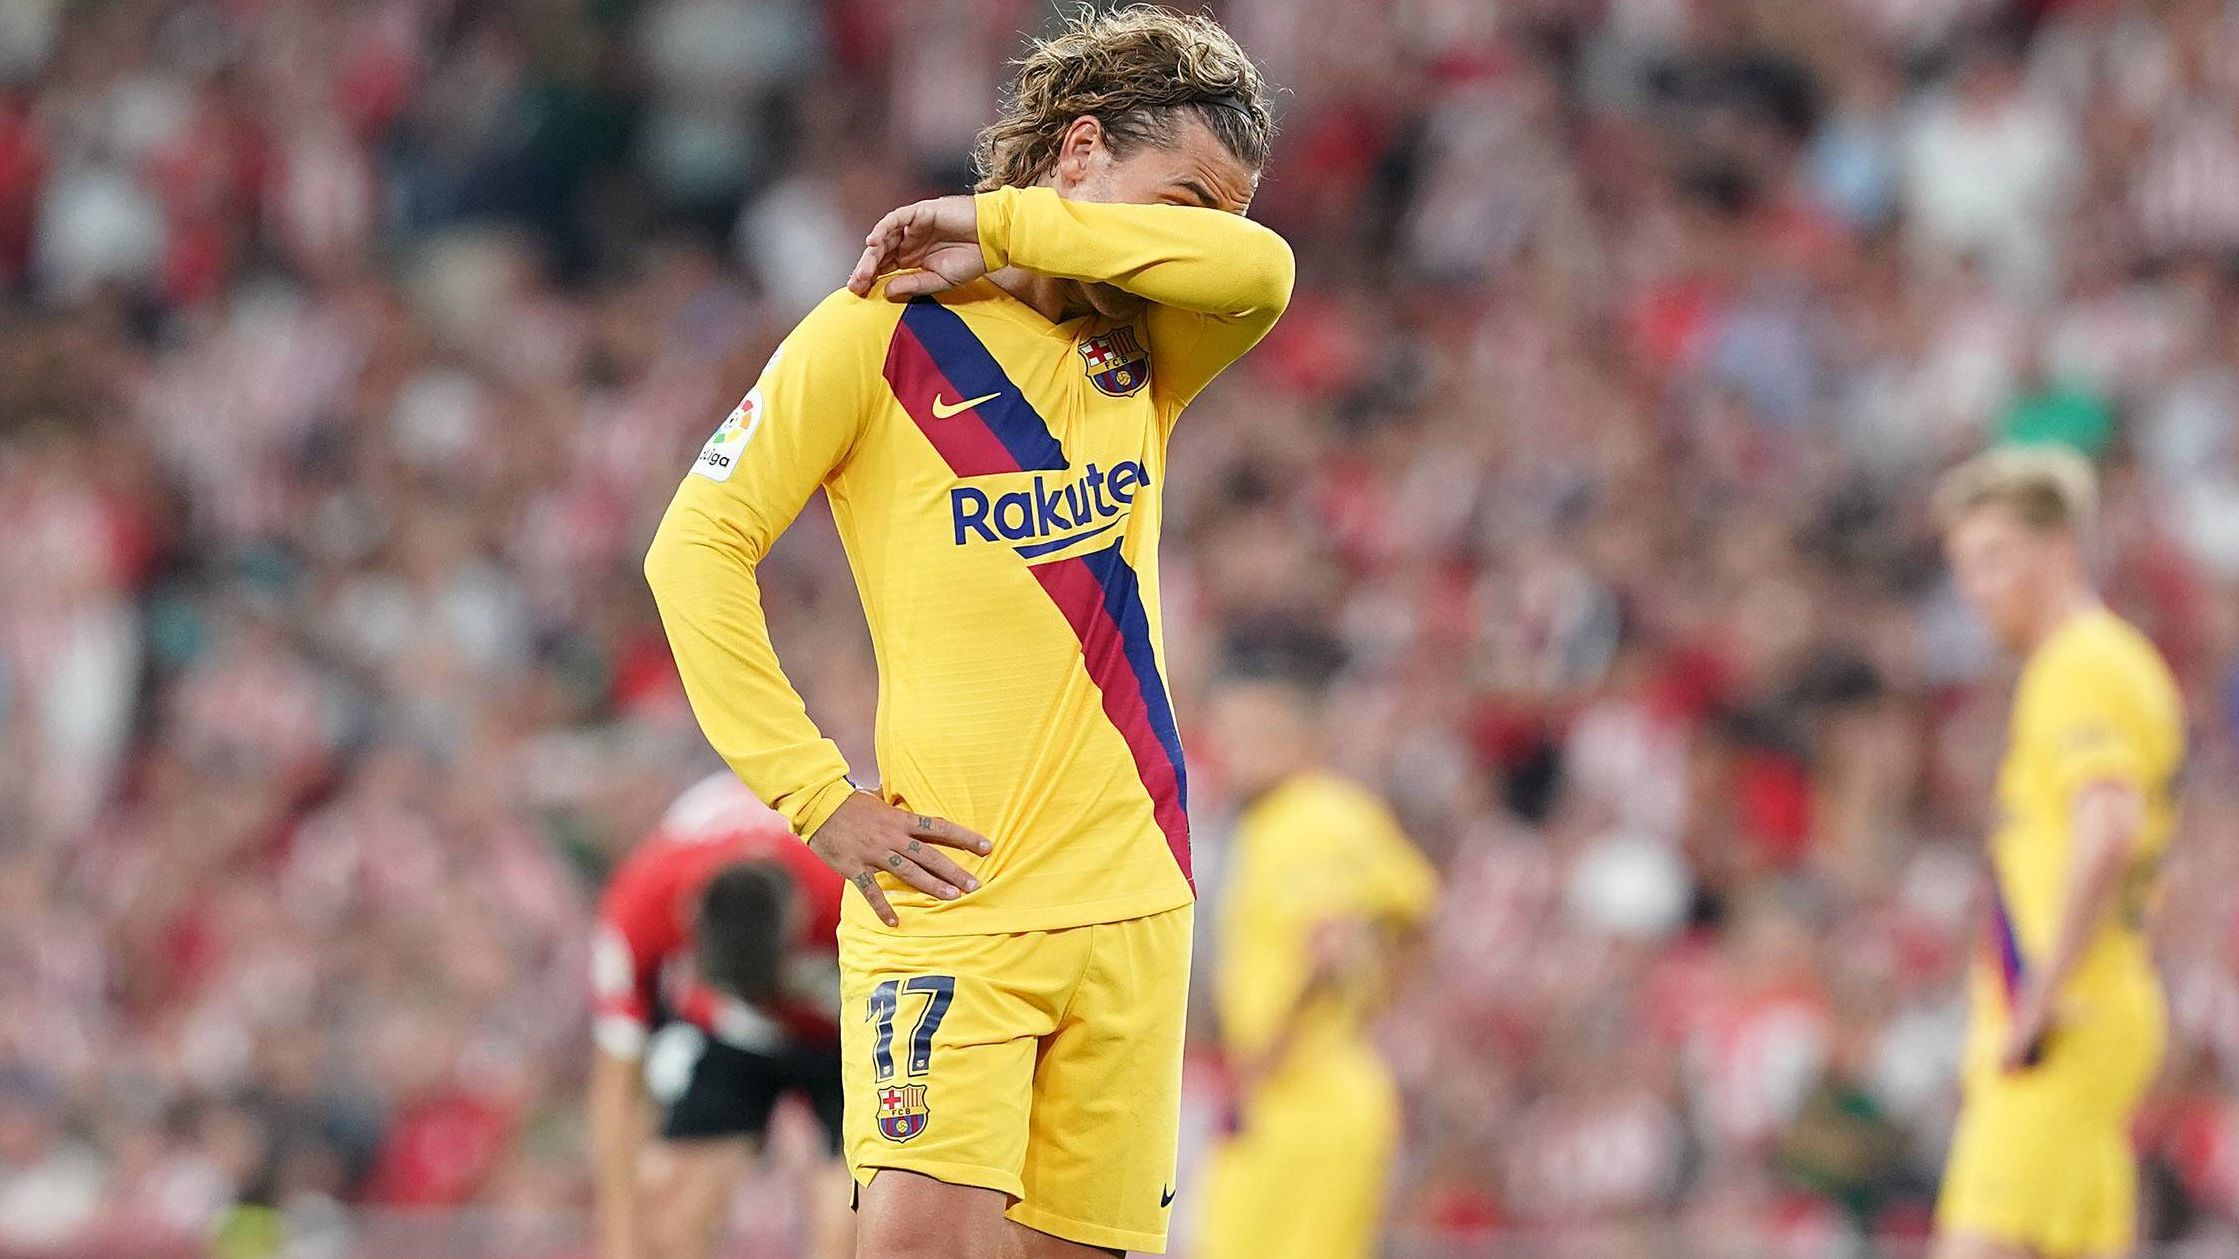 Barcelonas verpatzter Auftakt: Kritik und Spott für Griezmann & Co. - kicker